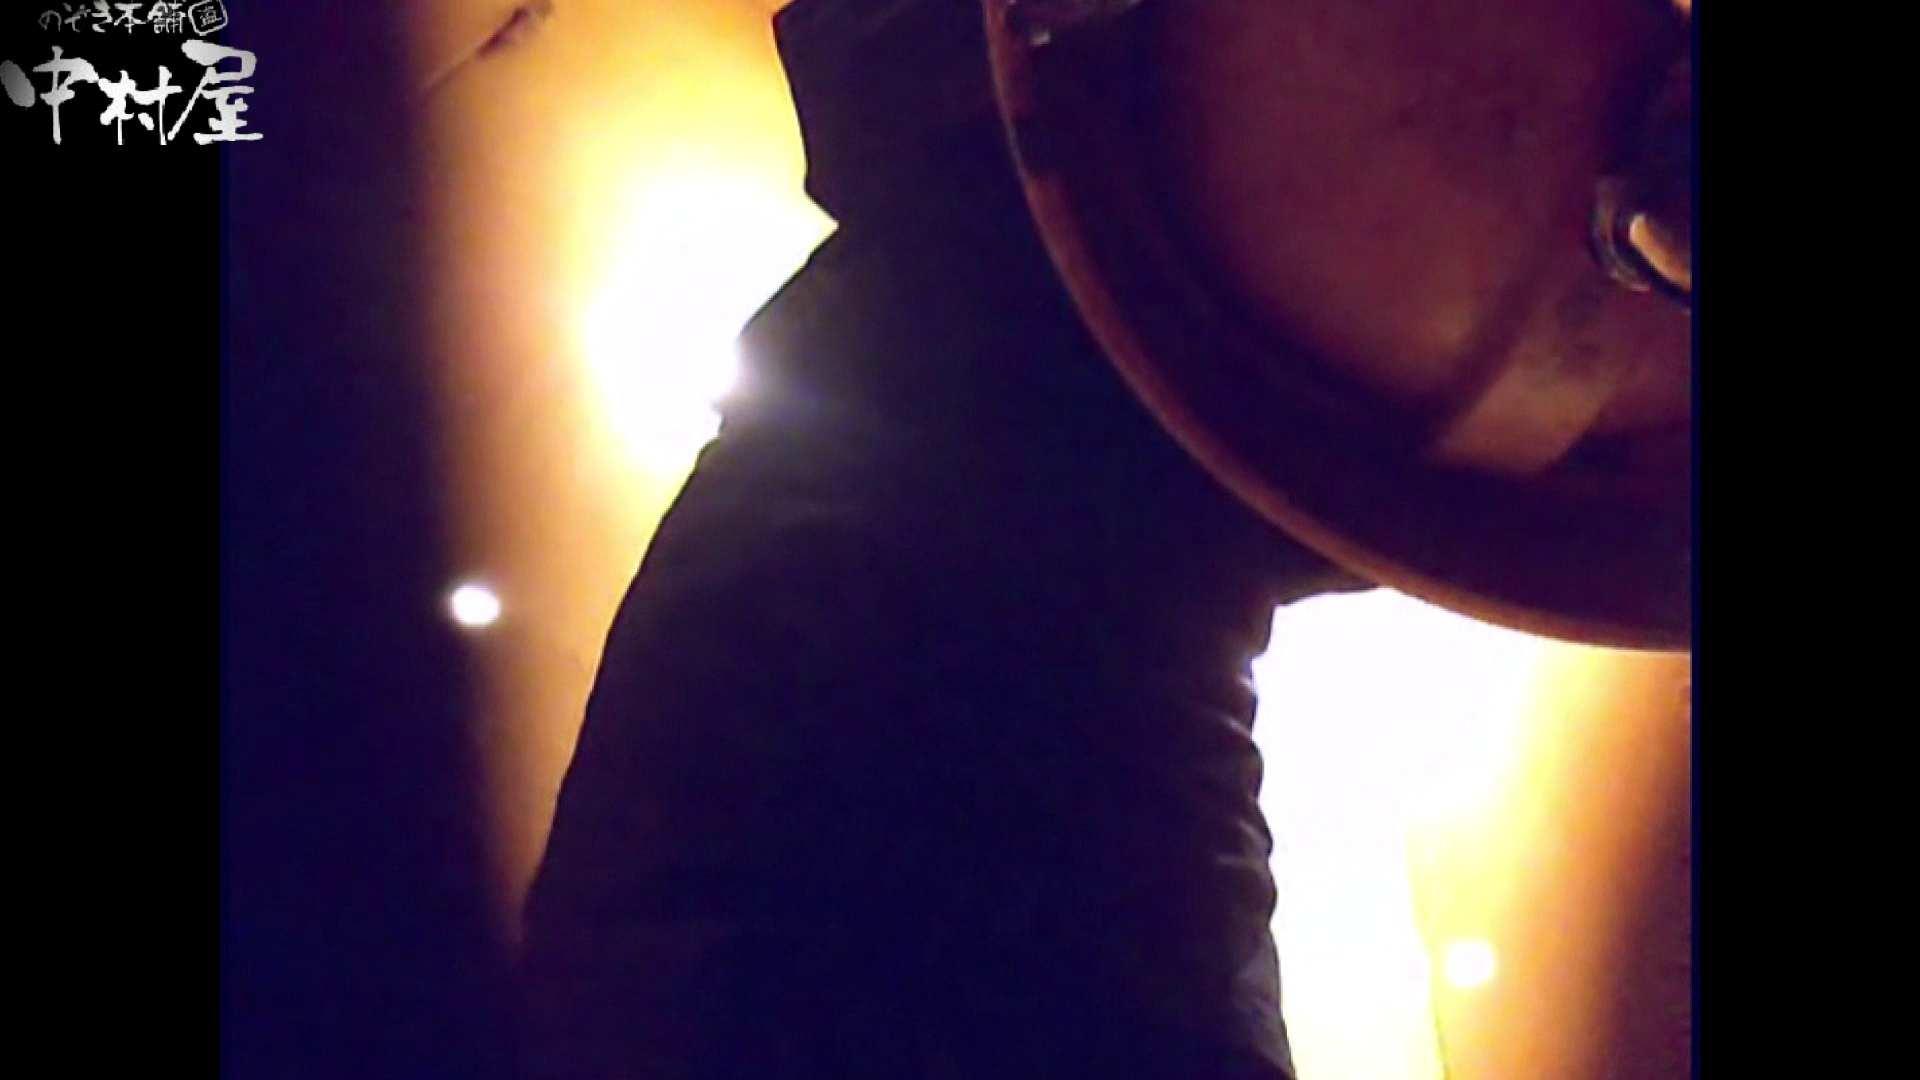 突撃!女子化粧室の真実vol.33中編 OLのプライベート 盗撮動画紹介 11pic 7